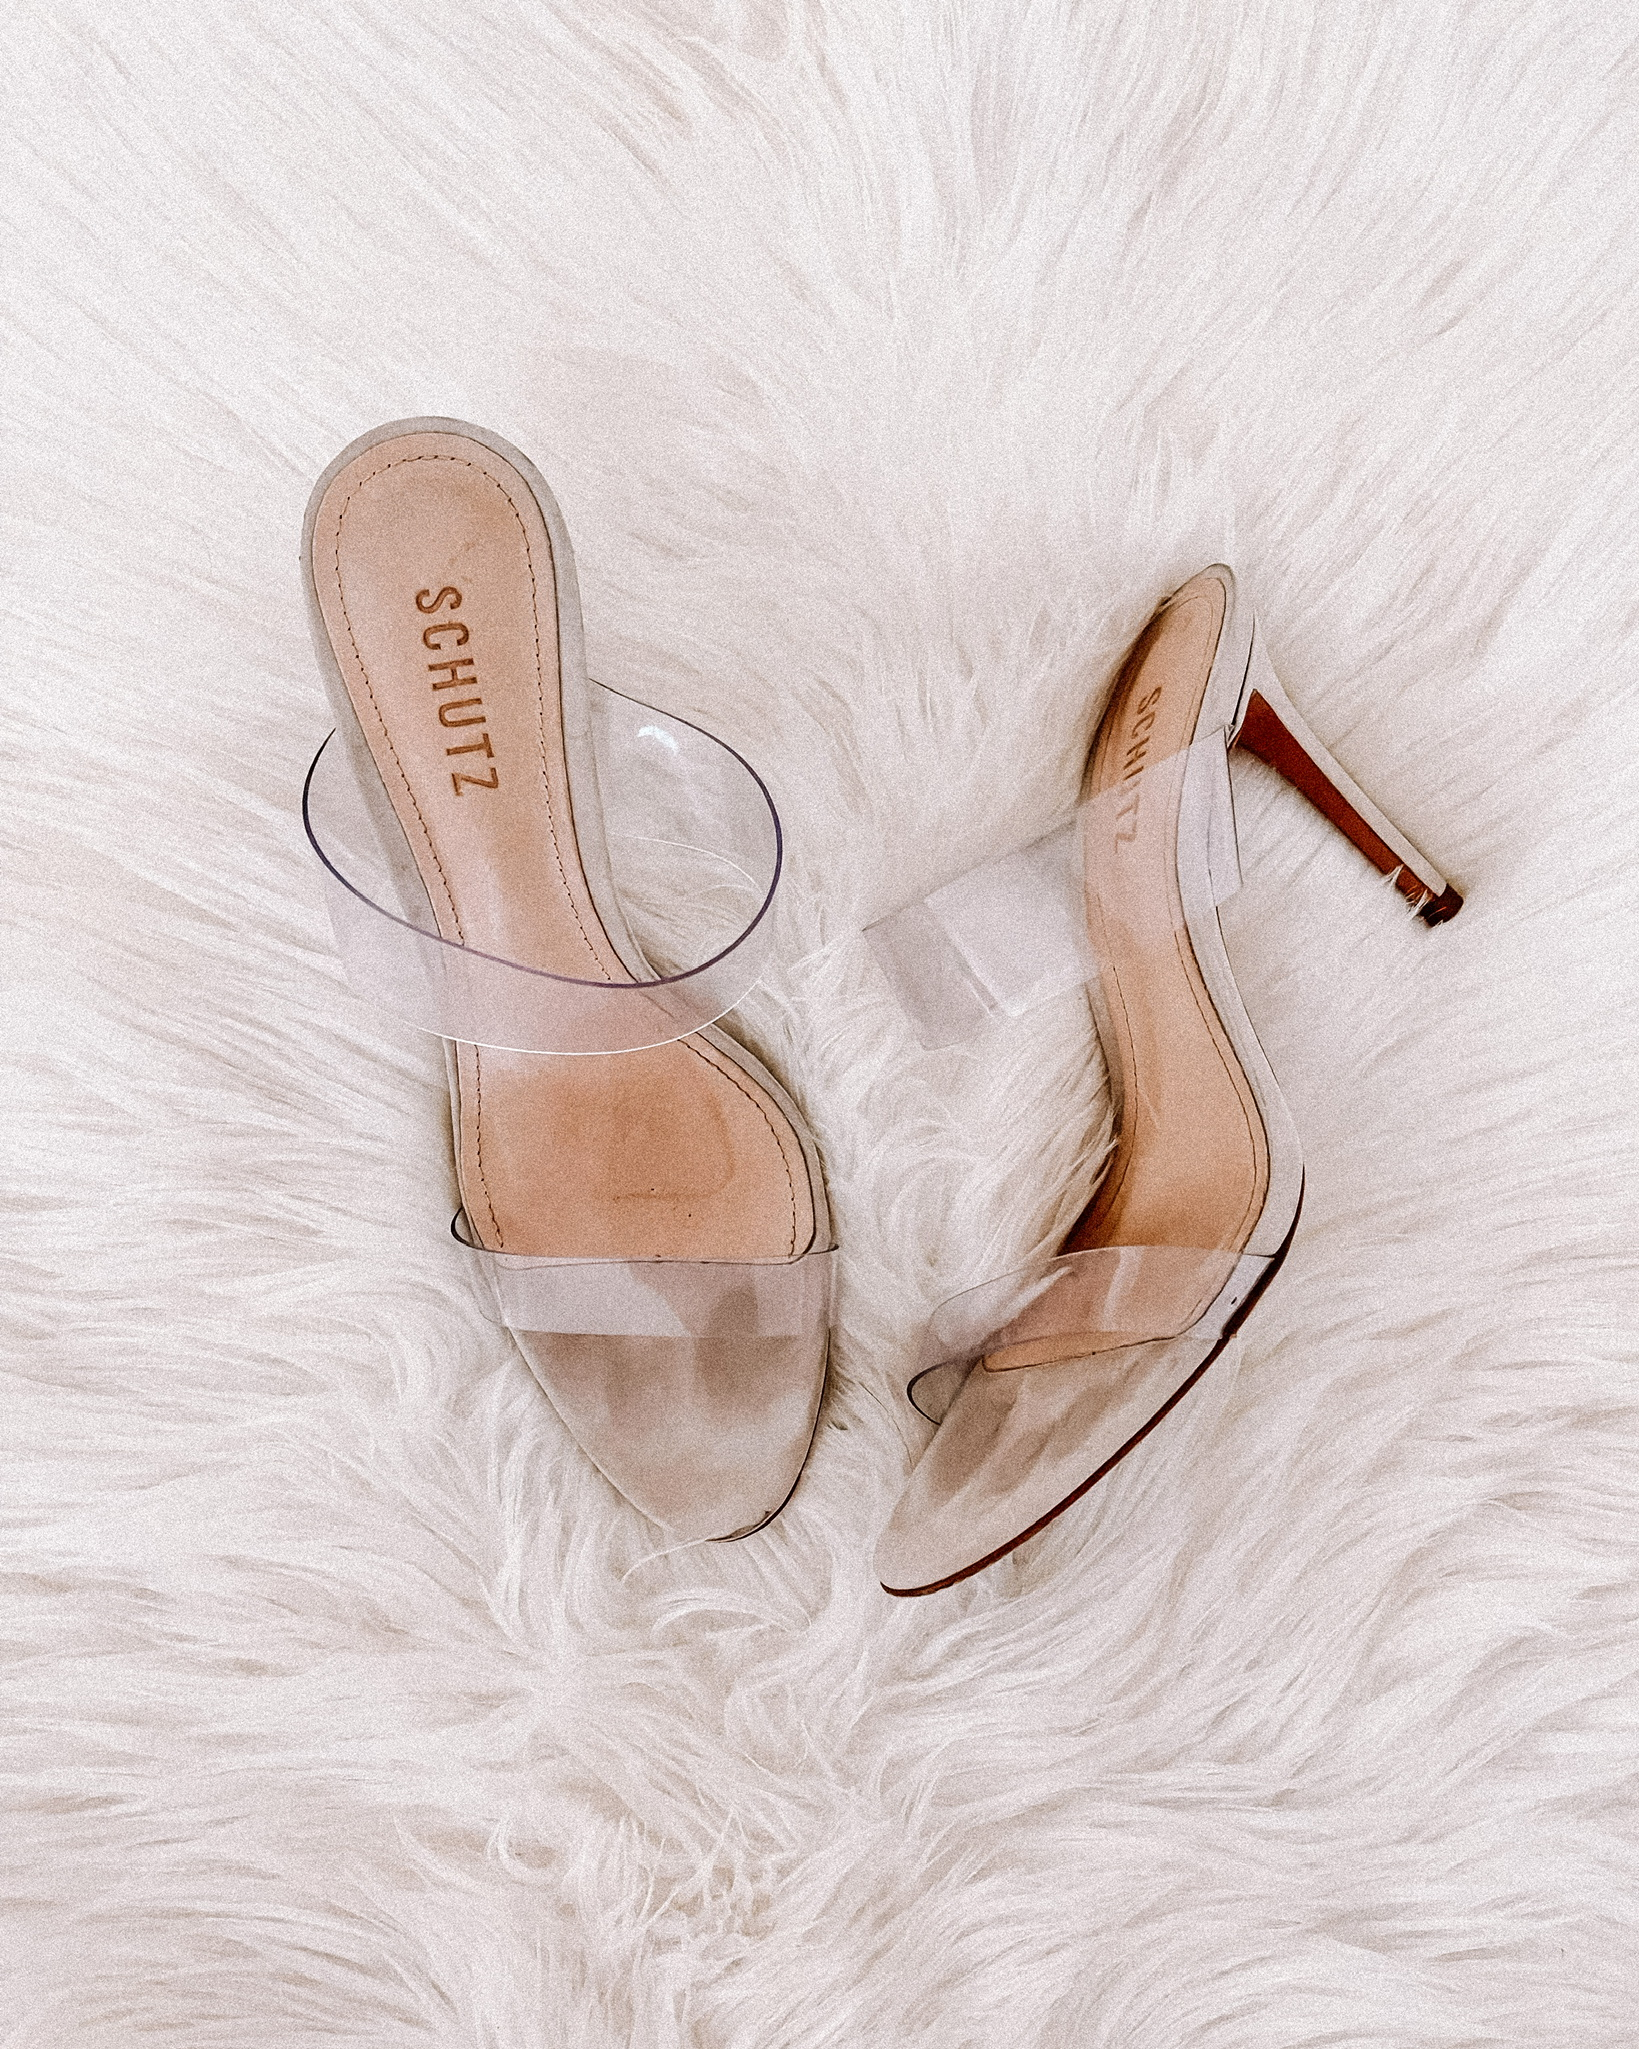 Fashion Jackson Schutz Ariella Strappy Sandals